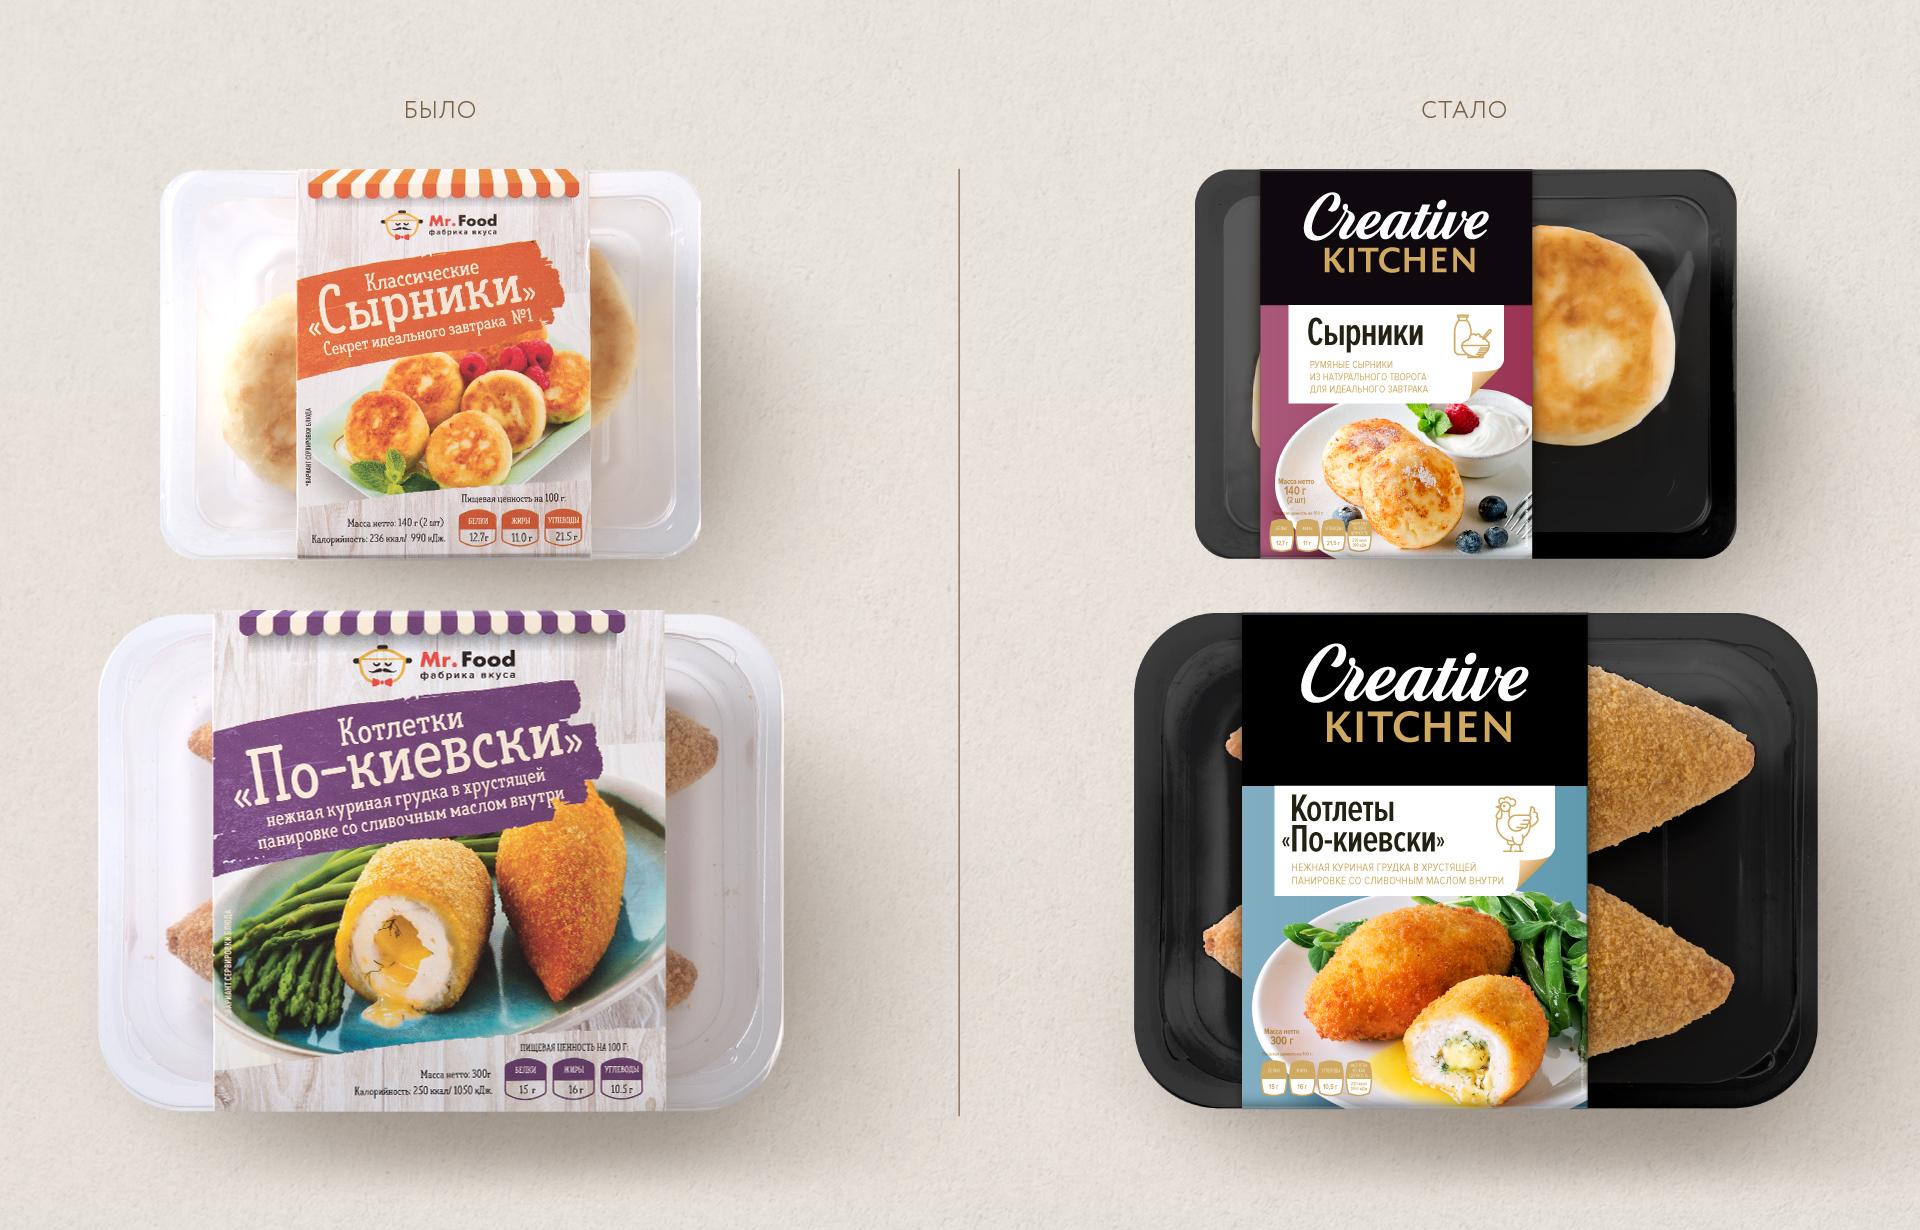 Дизайн упаковки «Creative Kitchen» до ребренга и после